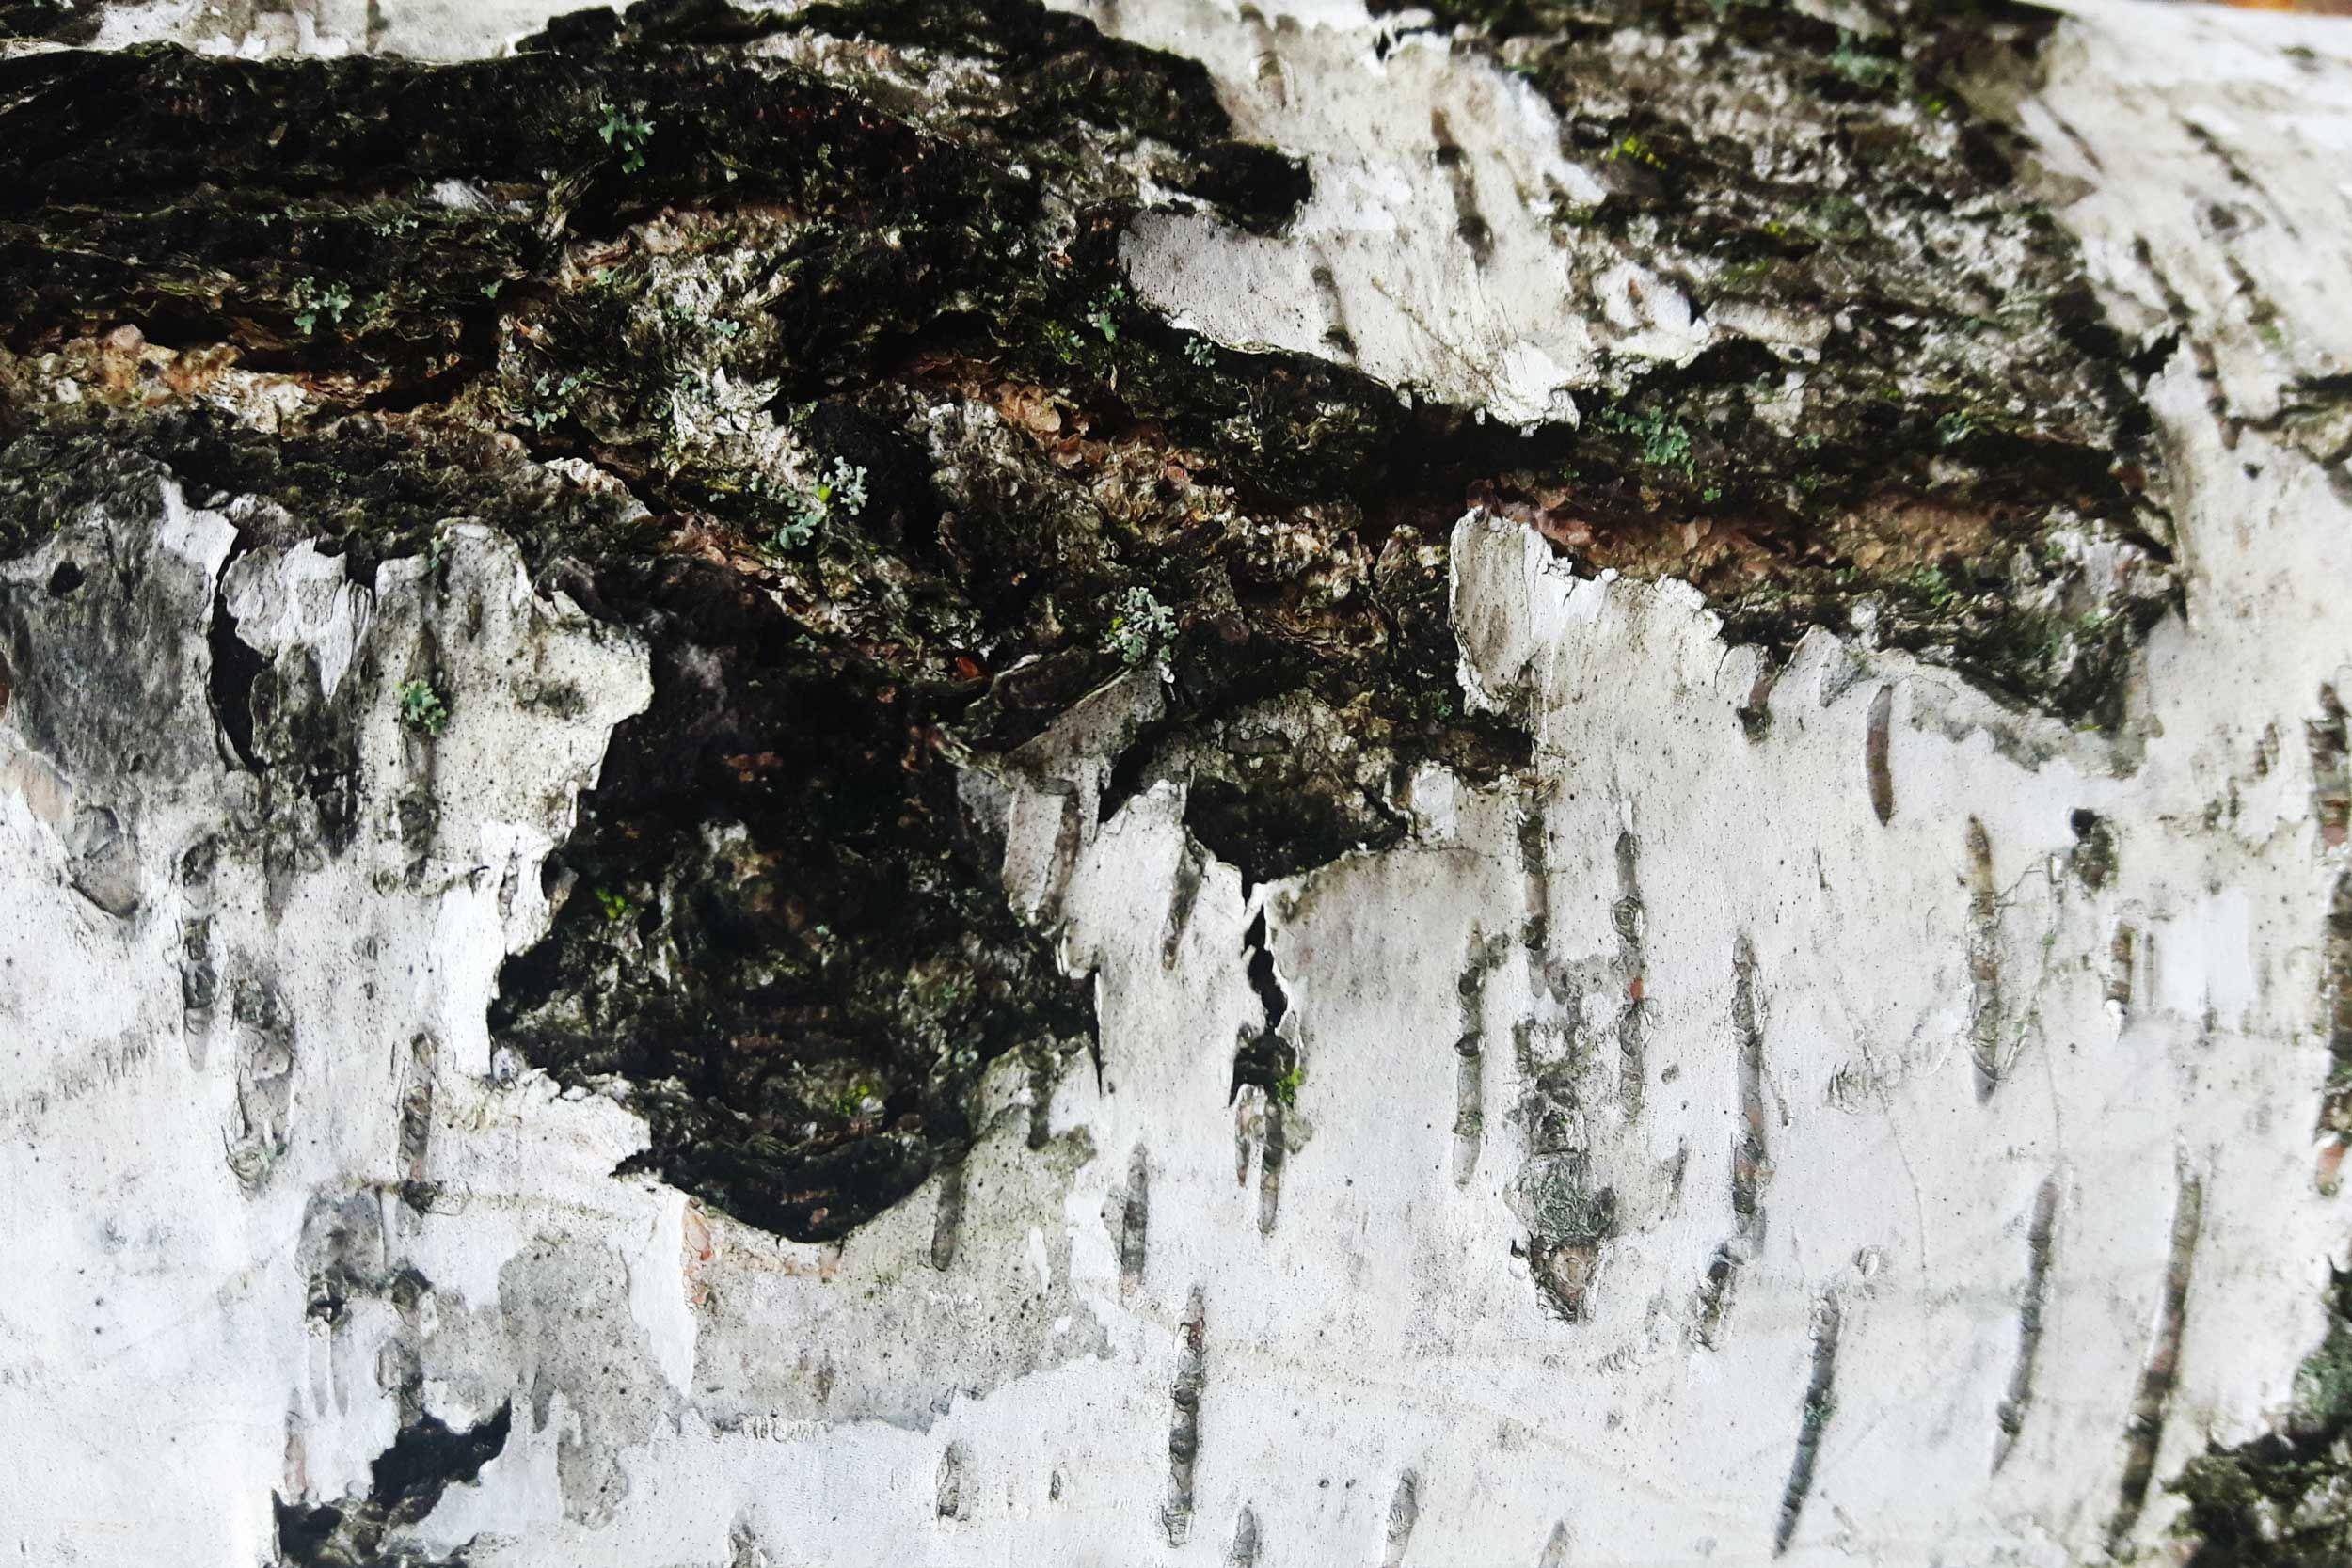 Birke Rinde Betula Pendula Die Strukturen Von Baumrinden Fallen Besonders Im Winter Auf Garden Tree Bark Birch Garten Baumrinde Naturfarben Natur